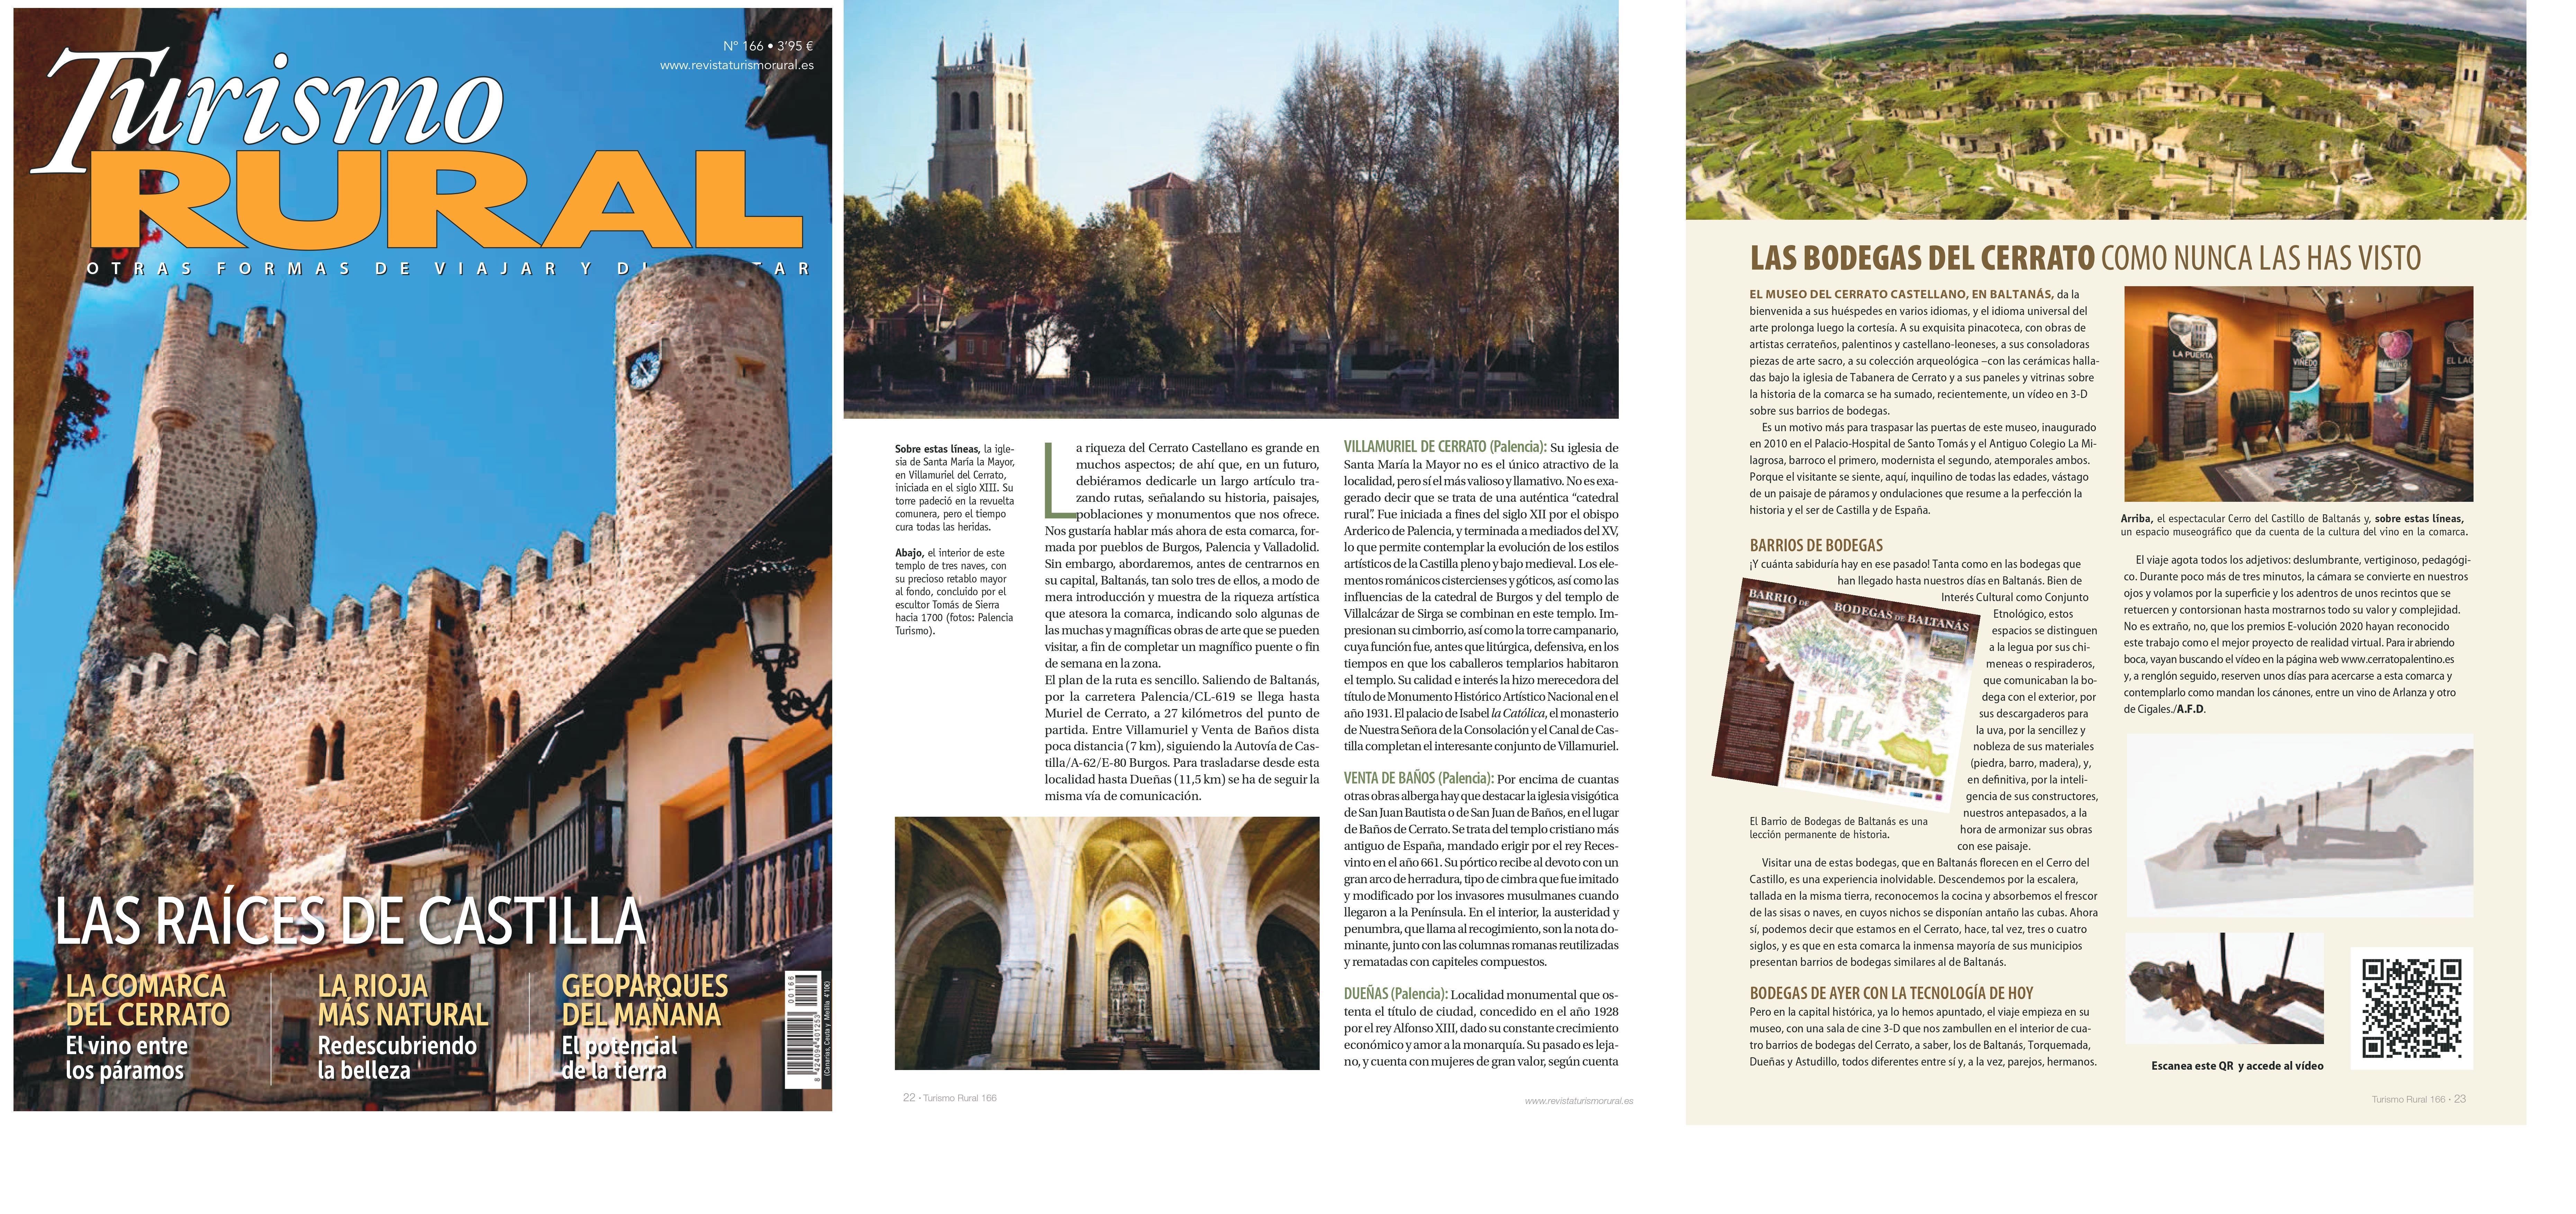 El Cerrato en la revista Turismo Rural0